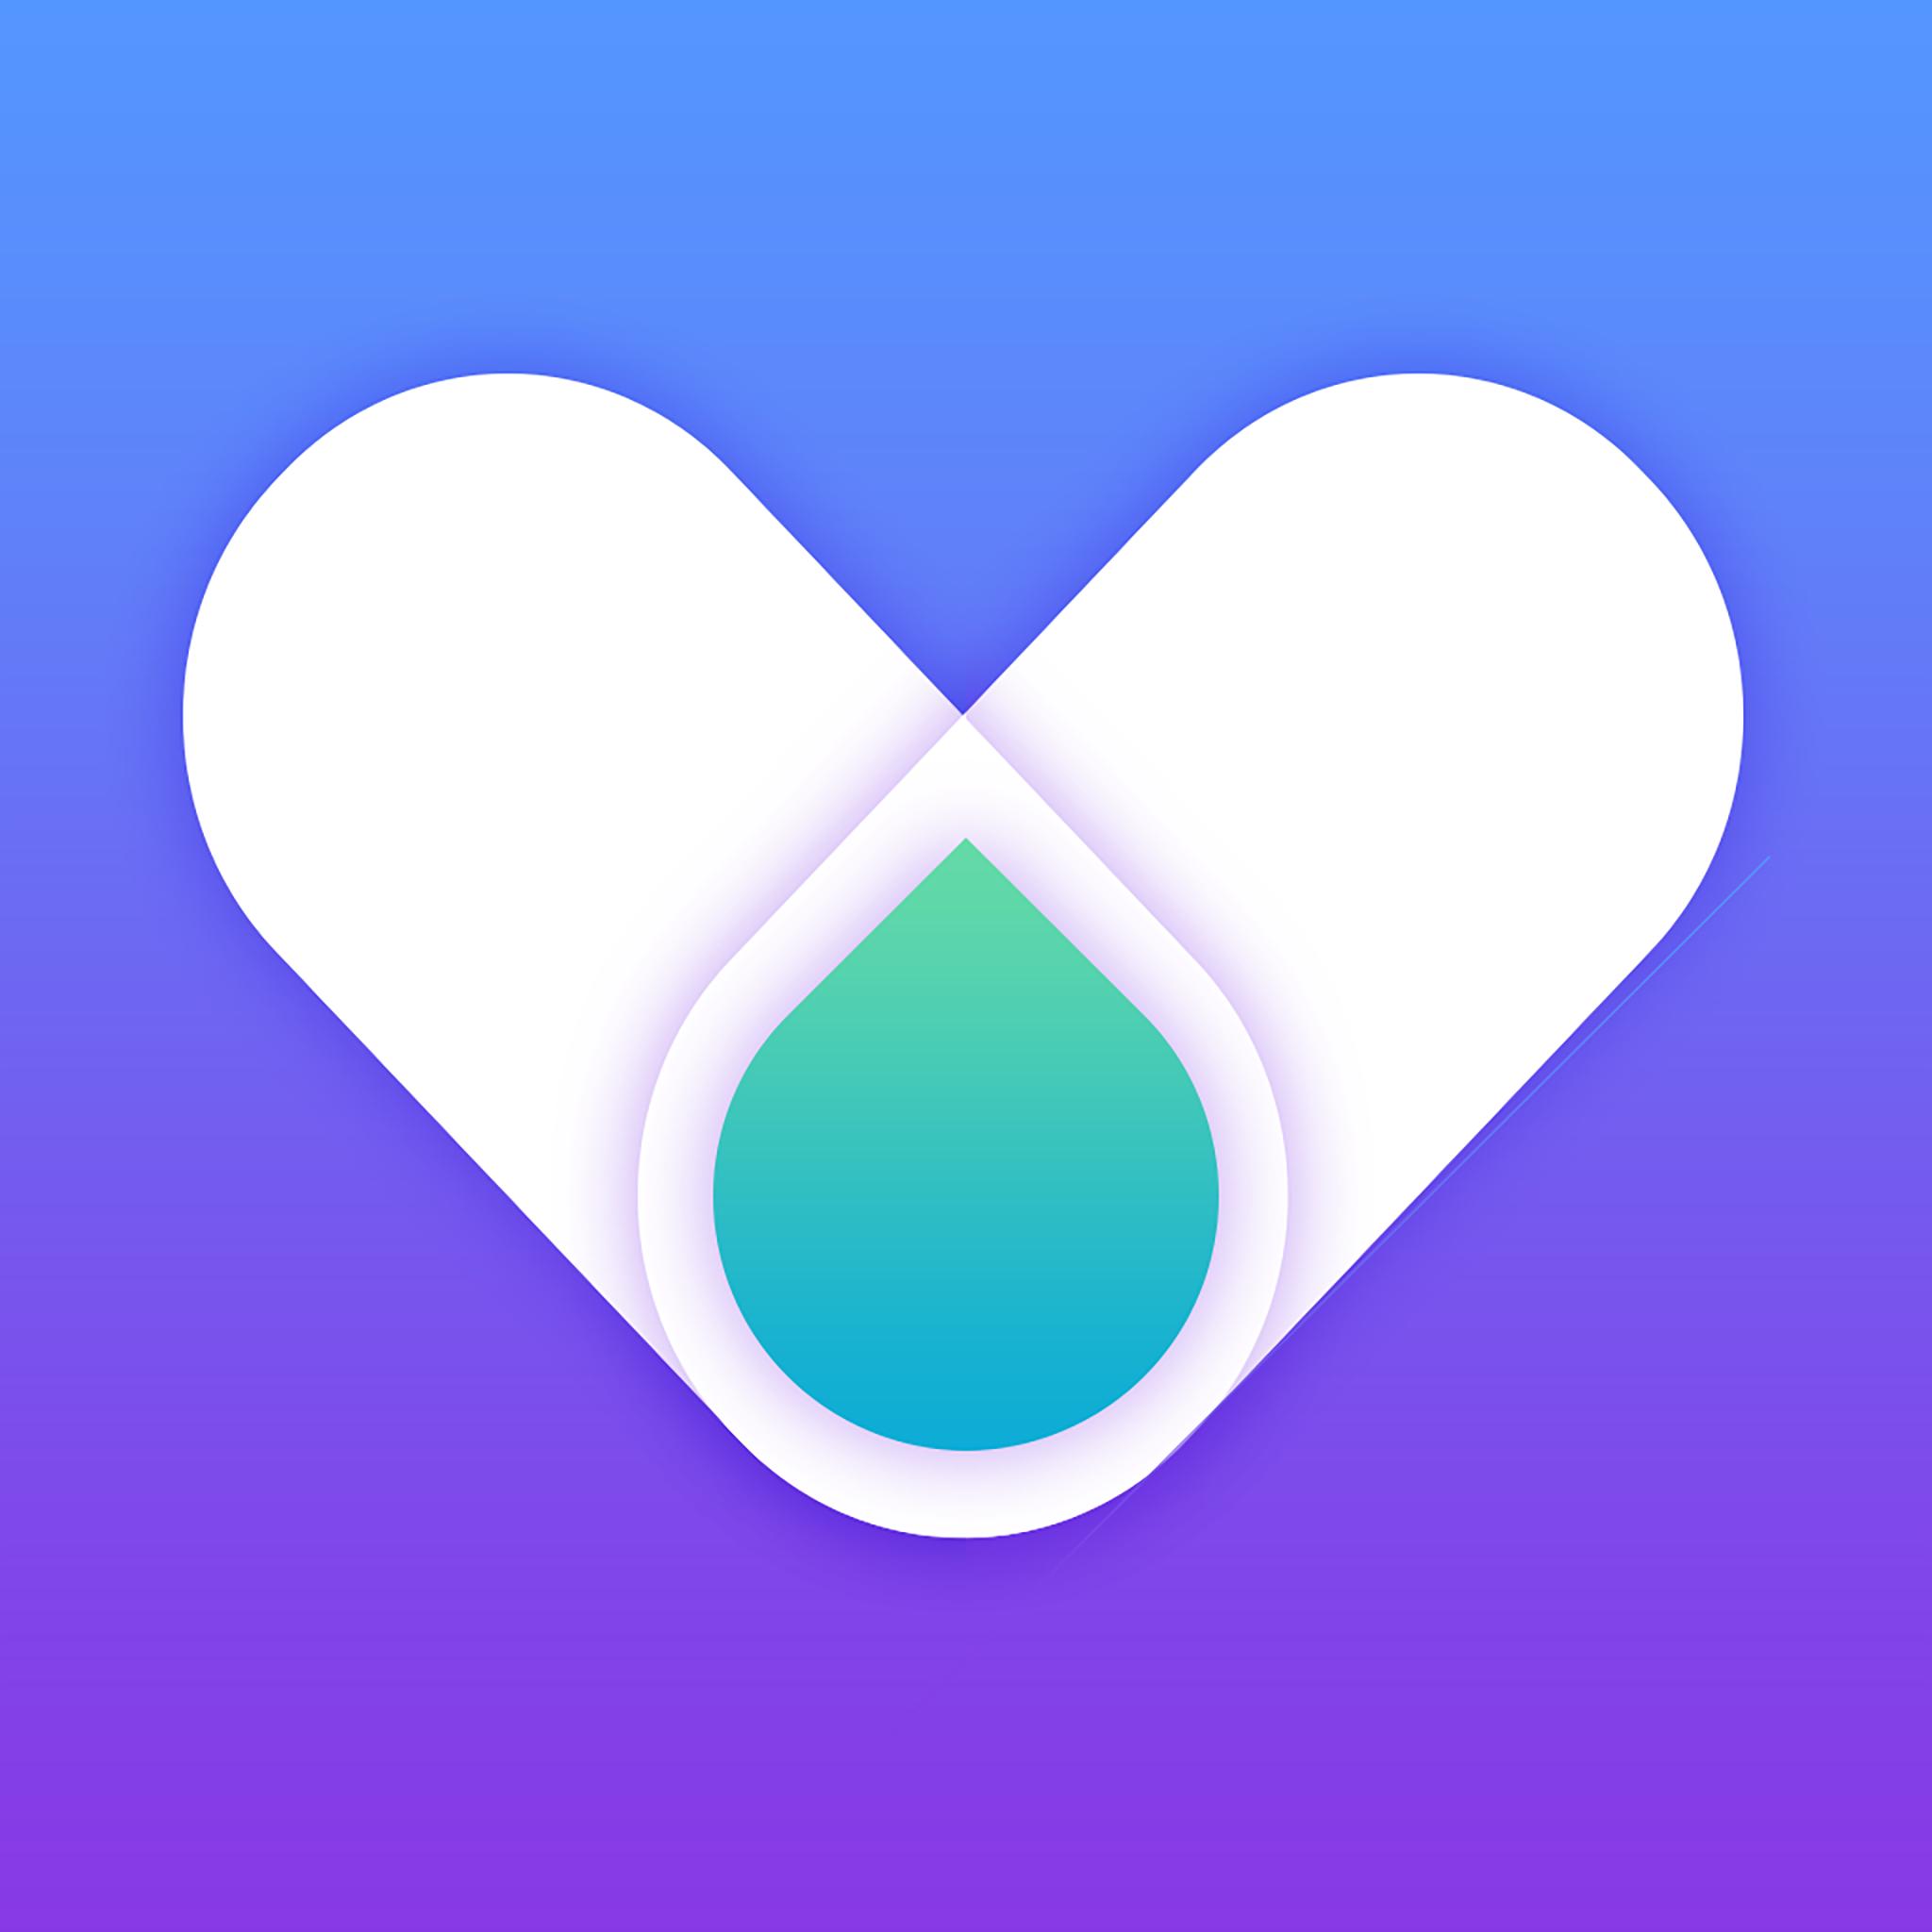 聚焦心理治疗版v1.0.0 手机版